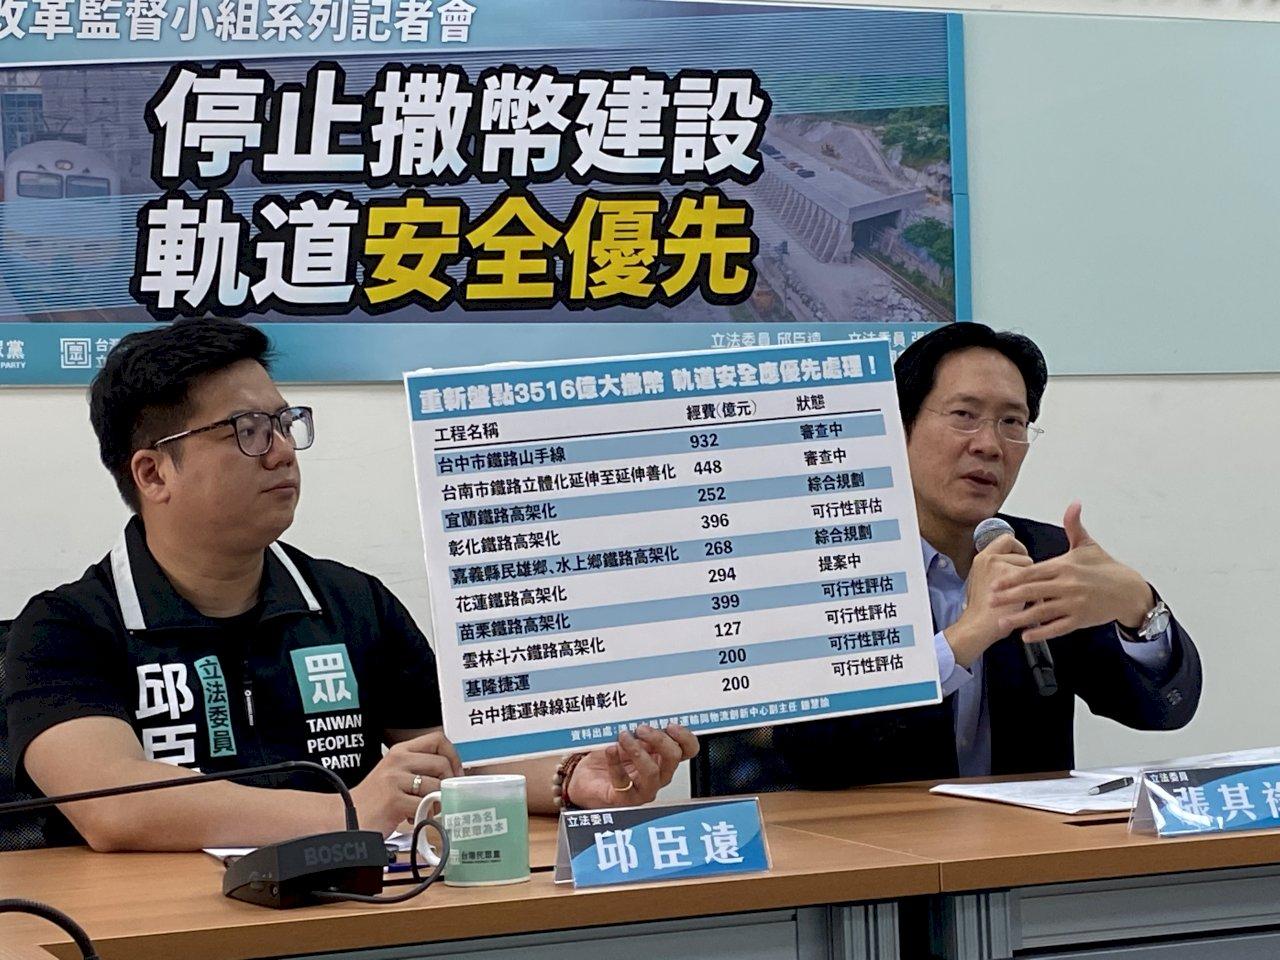 王國材接交通部長 民眾黨團期許:扛起台鐵改革重任